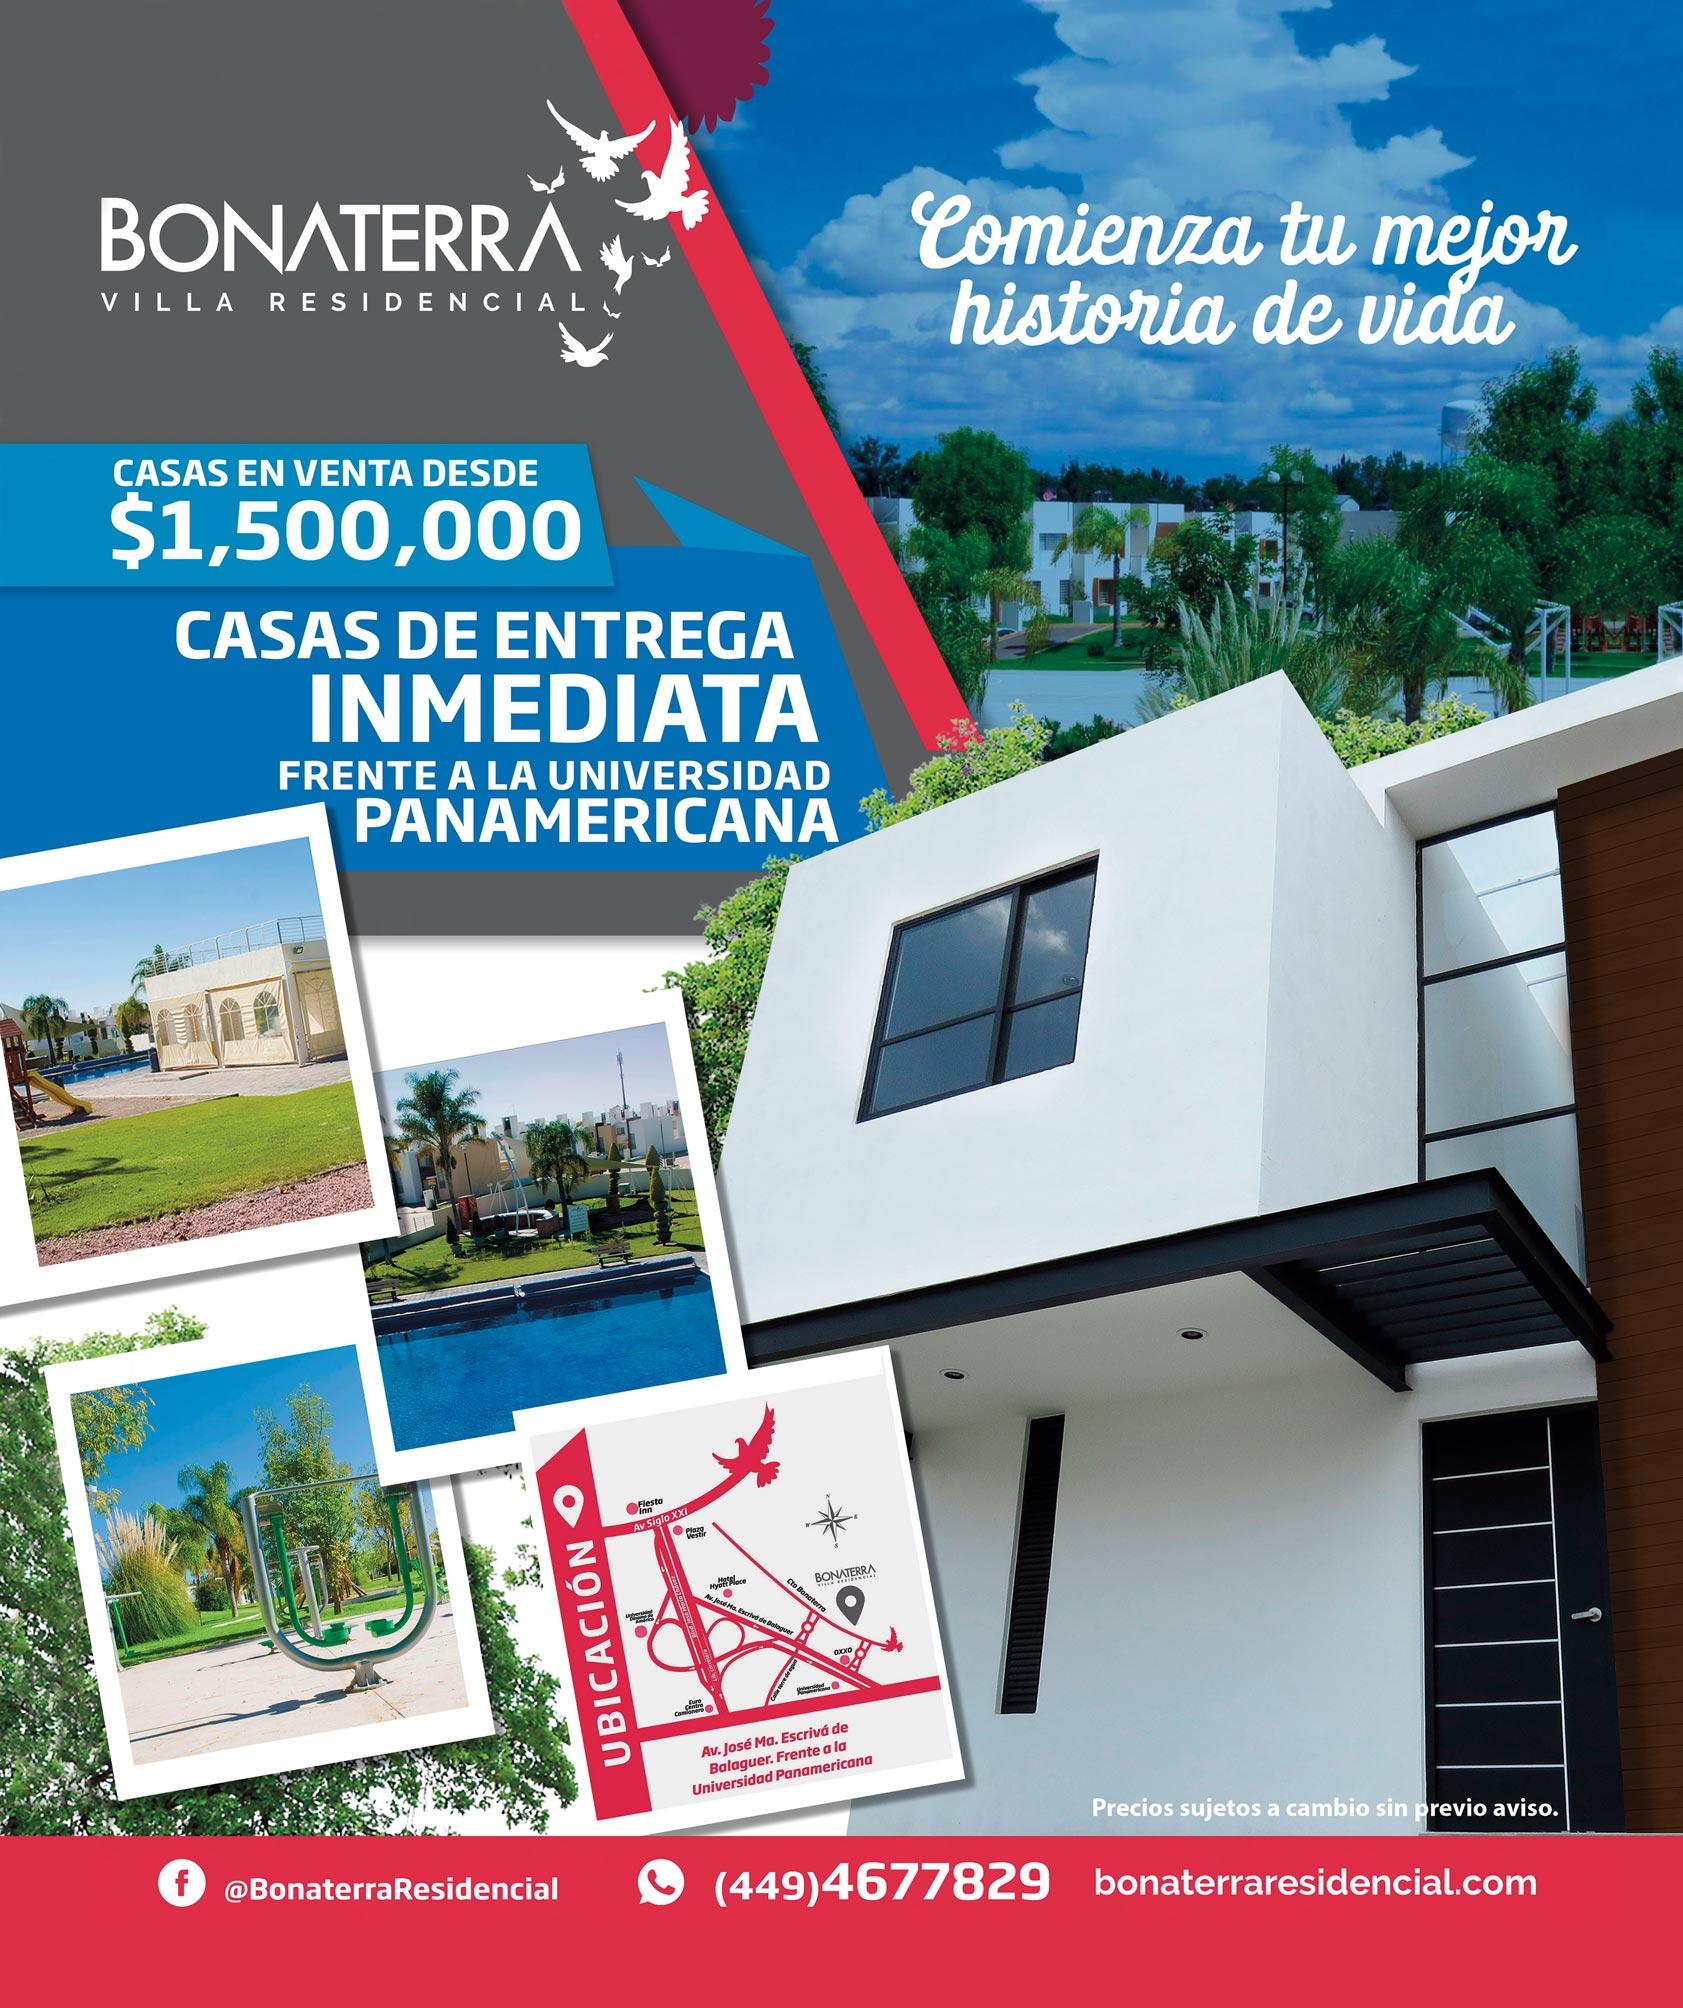 BONATERRA